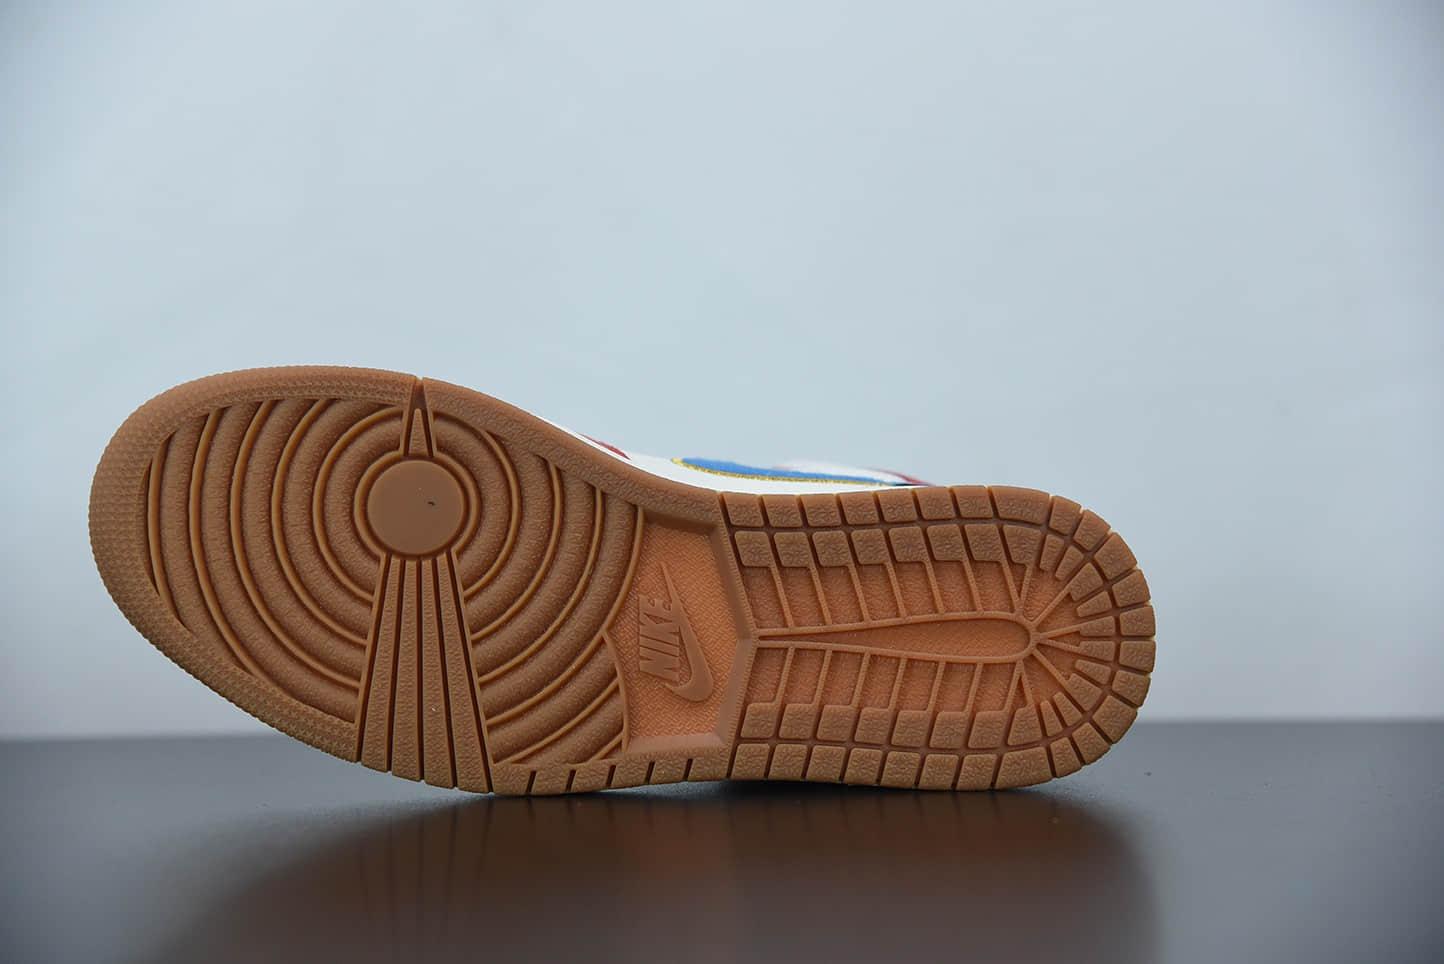 乔丹Air Jordan 1 Mid 黑白红灯芯绒蓝勾中帮休闲板鞋纯原版本 货号:DC1426-100